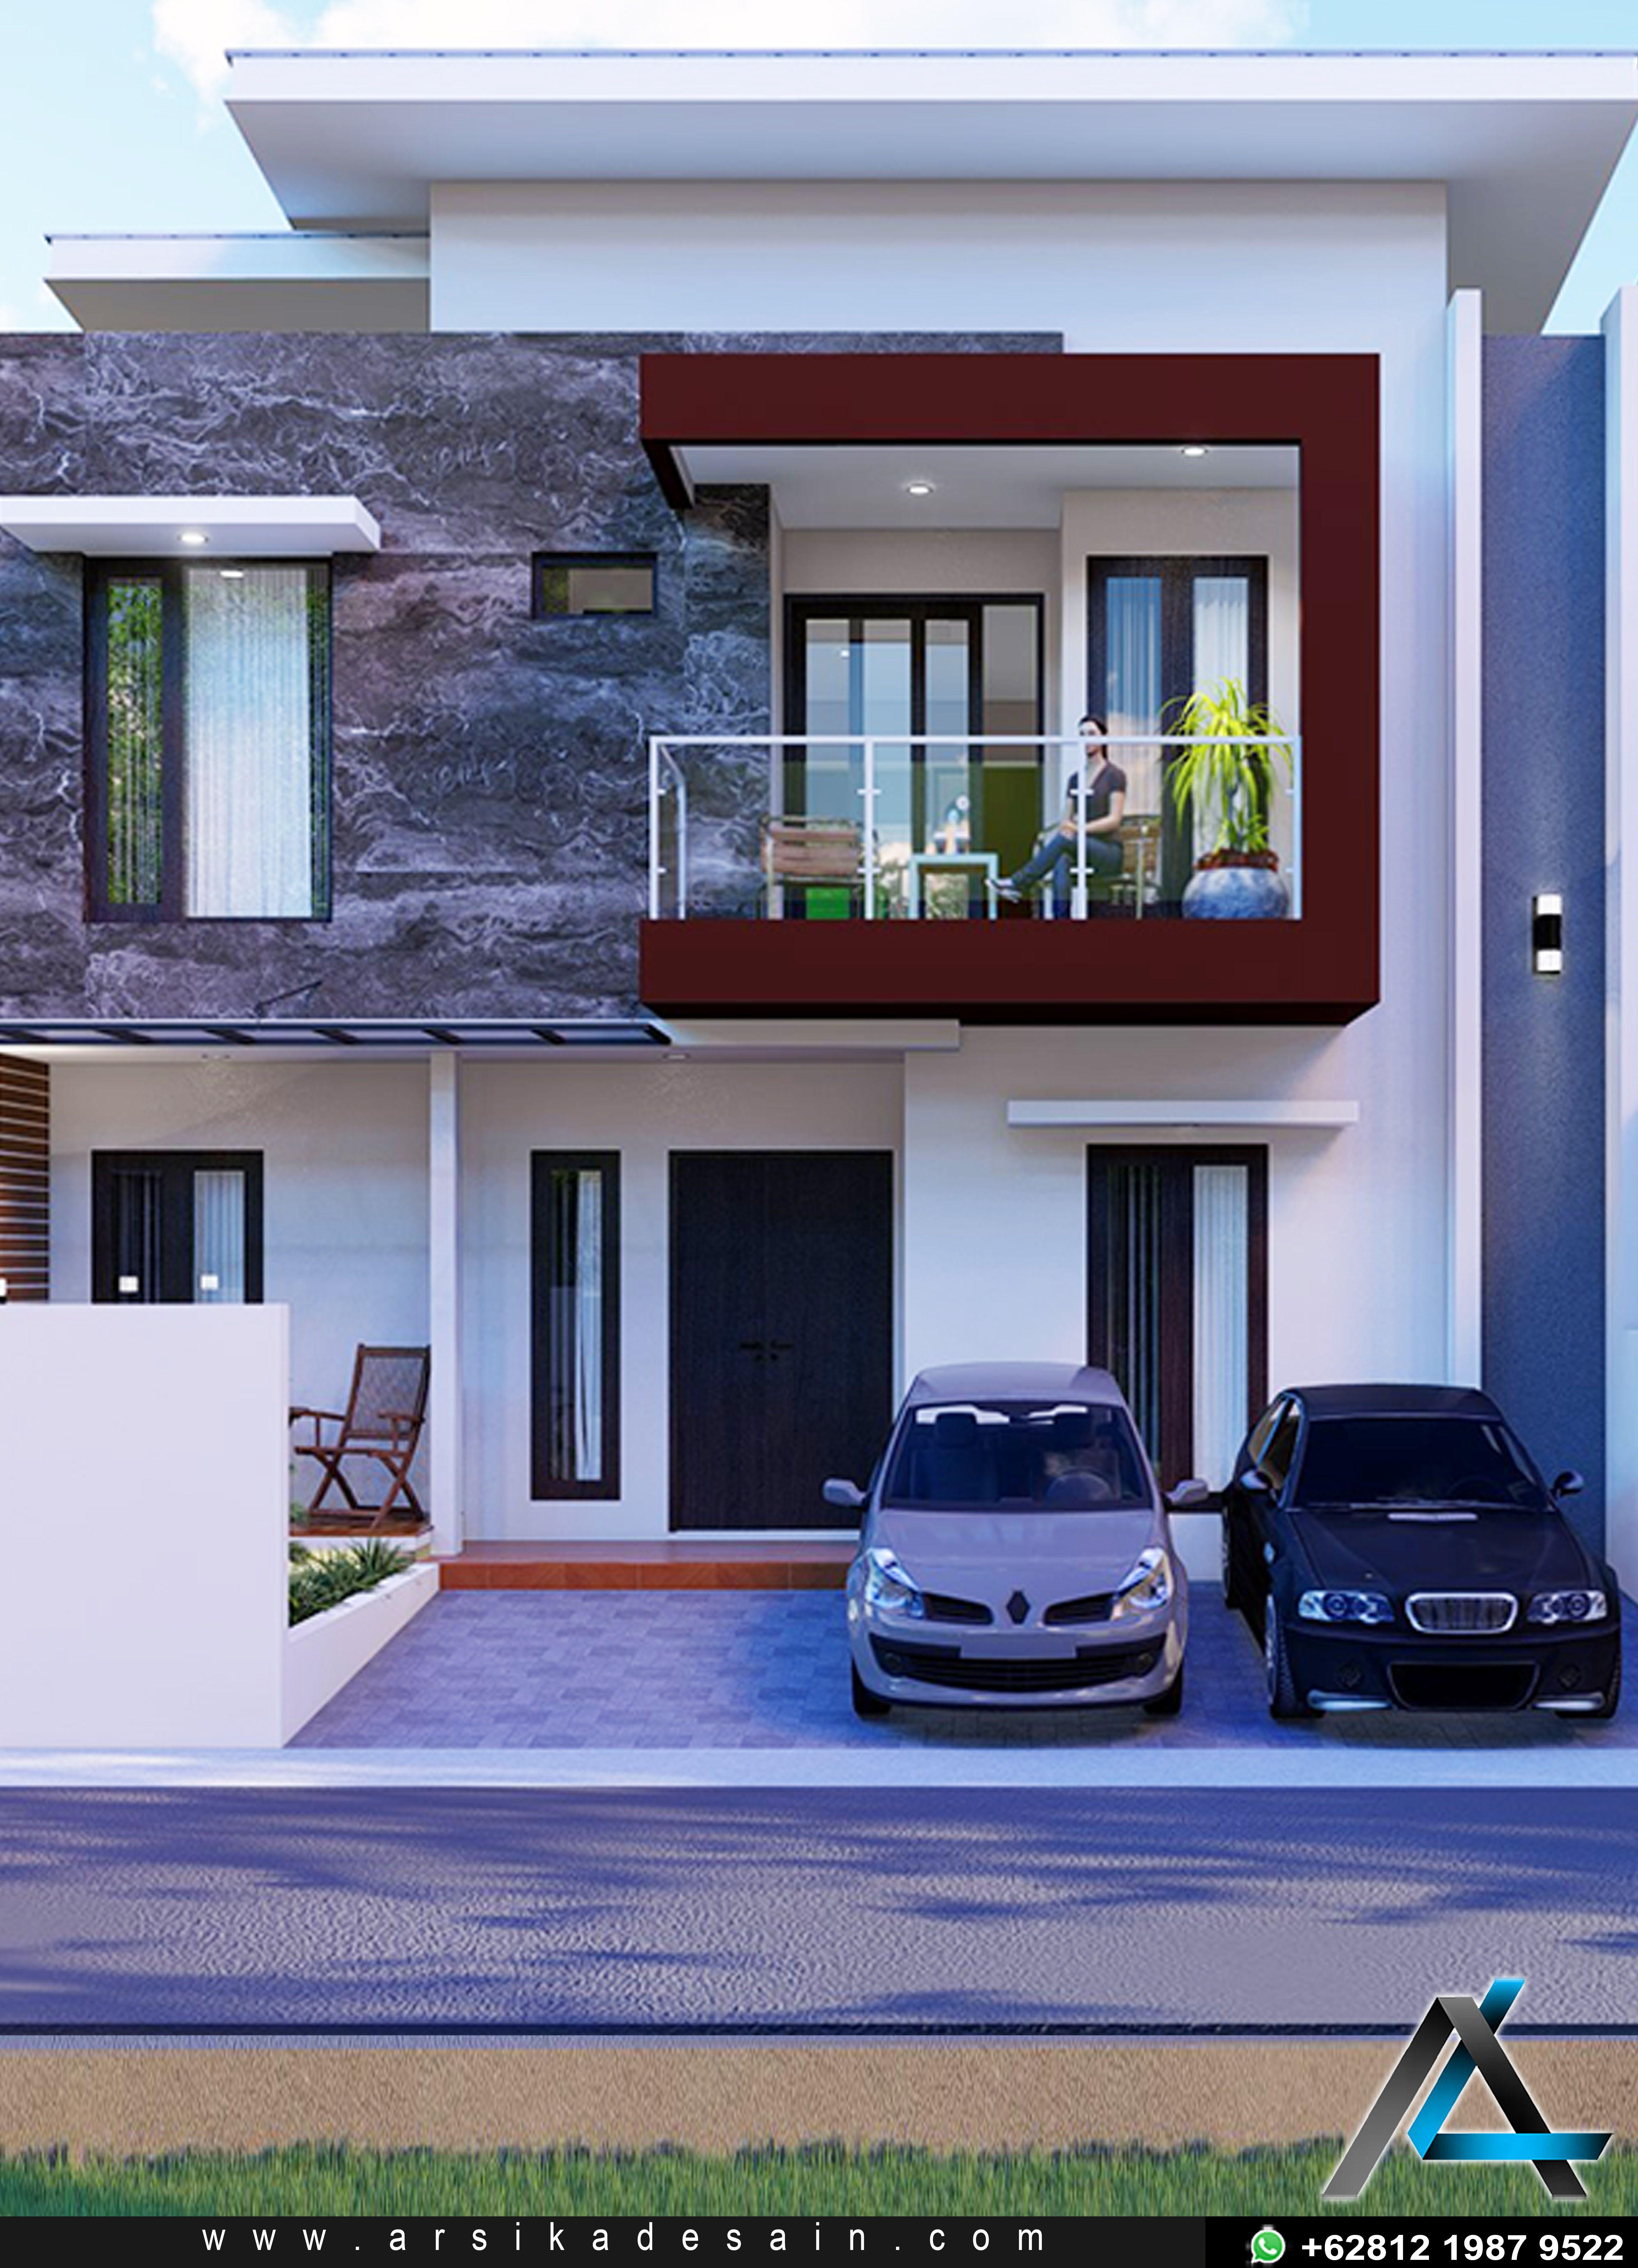 Desain Rumah Minimalis Modern Rumah Rumah Minimalis Desain Rumah